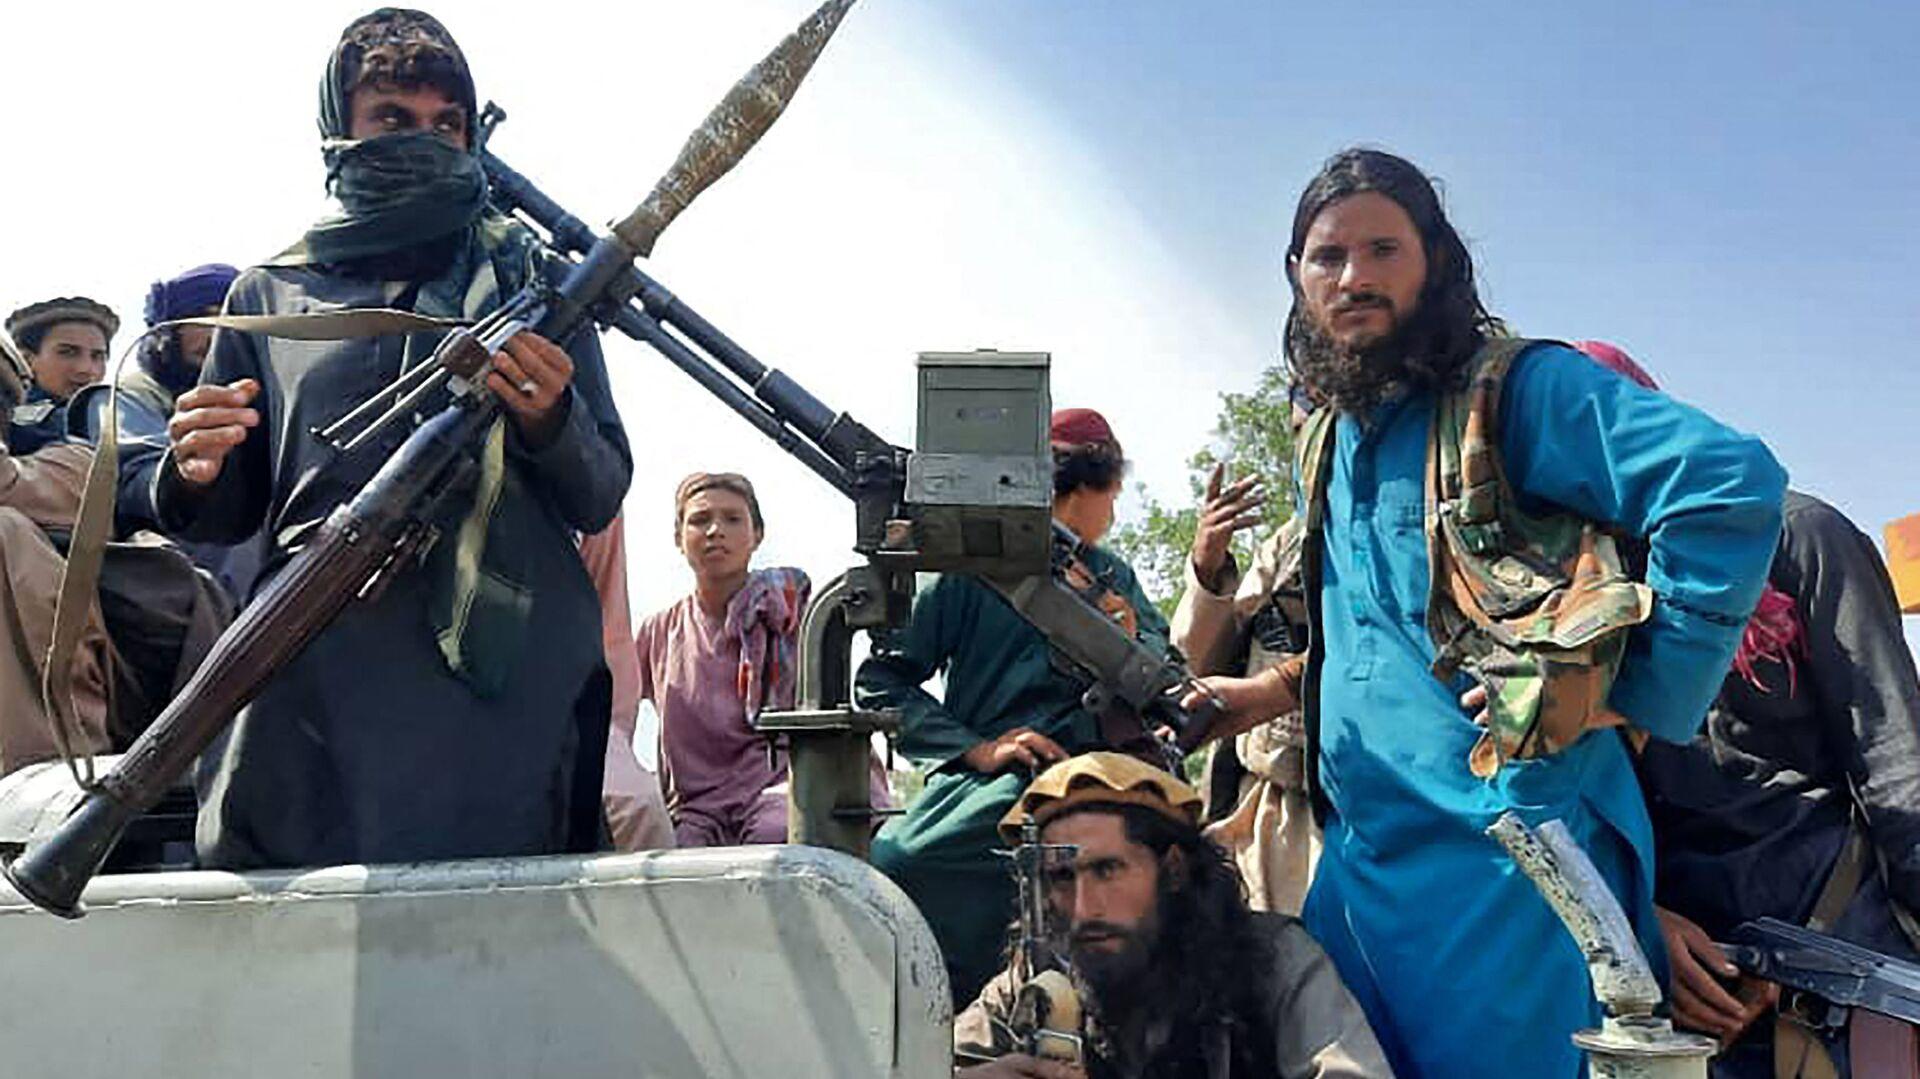 Боевики Талибана* в провинции Лагман, Афганистан - Sputnik Ўзбекистон, 1920, 02.09.2021